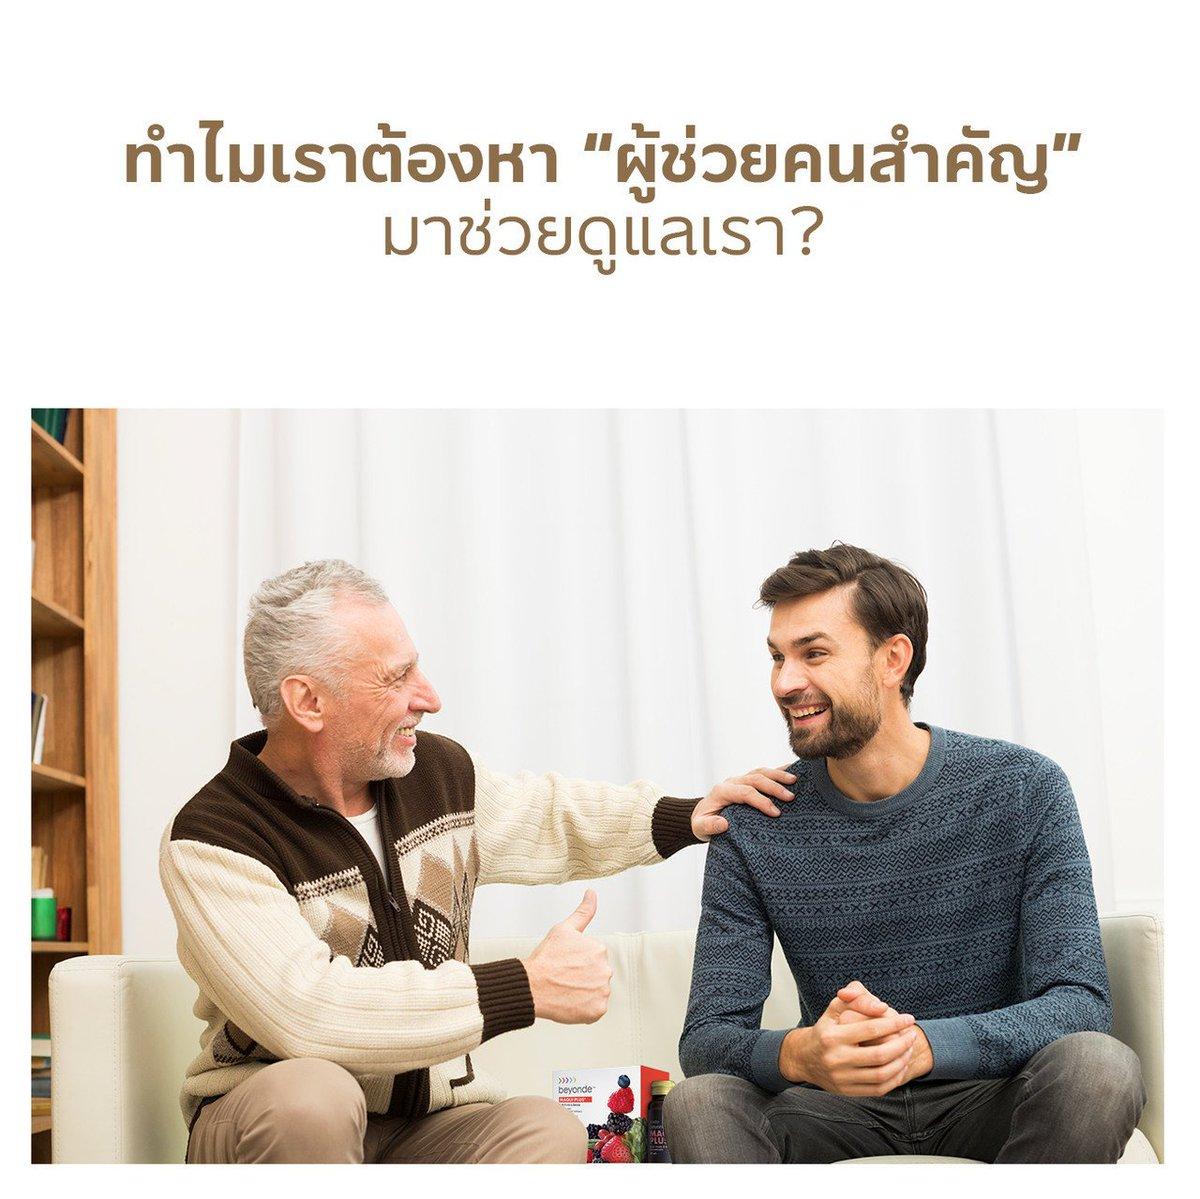 """เคยสงสัยไหม...ว่าทำไมเราต้องหา """"ผู้ช่วยคนสำคัญ"""" มาช่วยดูแลตับและตัวของเรา? พบคำตอบได้ที่นี้... ดูข้อมูลเพิ่มเติม http://wu.to/sNJ89D #UnileverNetwork #BerriesPowers #Superfruits #Beauty #Skincare #HealthyImmunity #Active"""